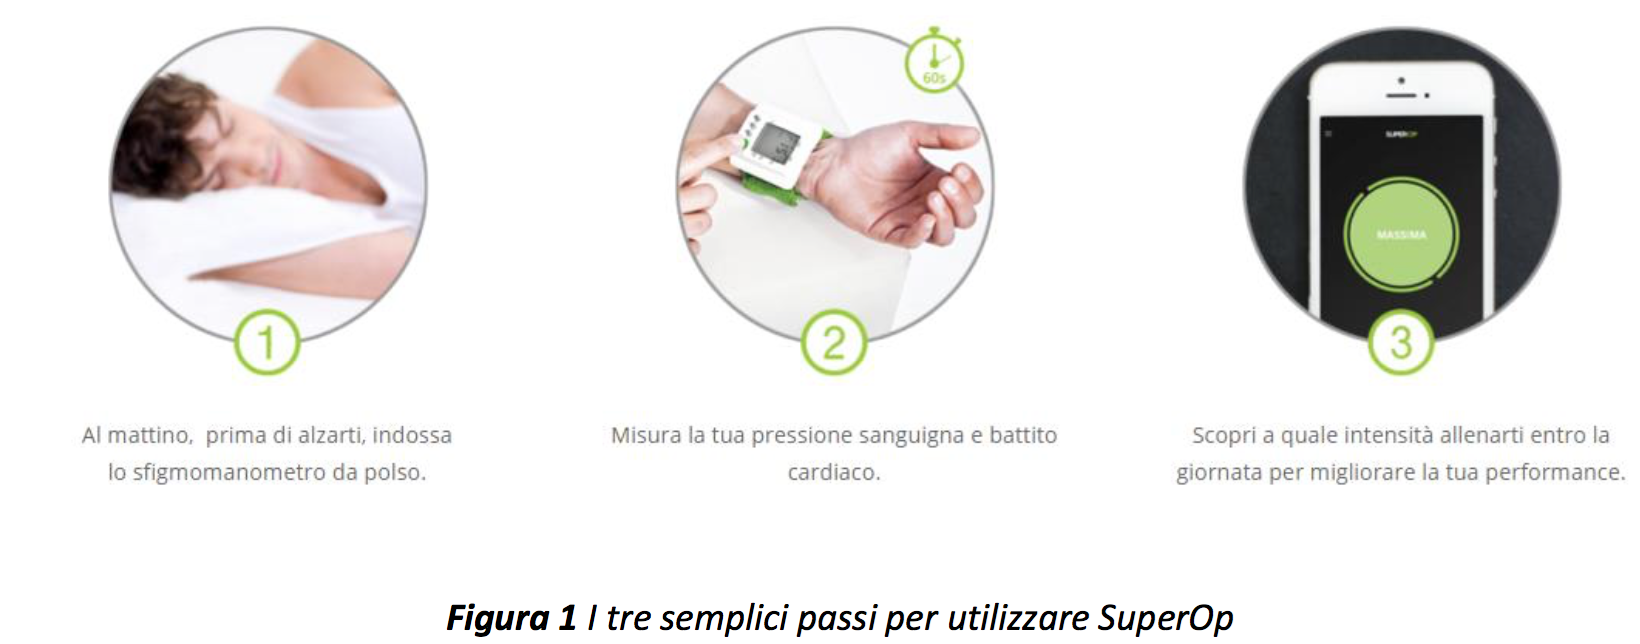 come utilizzare SuperOp - Riccardo Monzoni